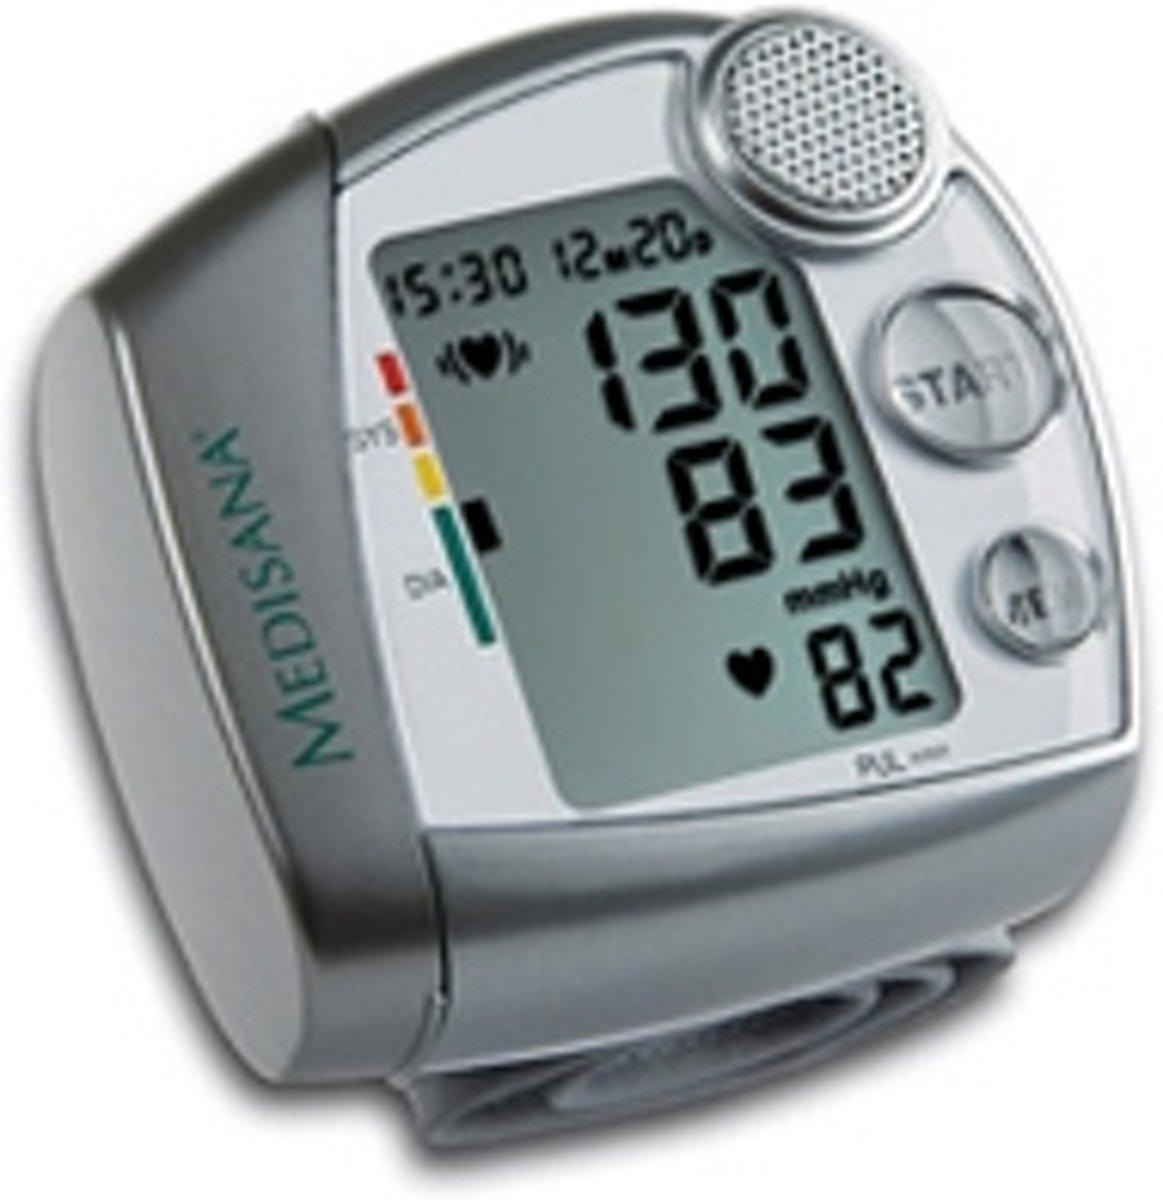 Bloeddrukmeter Hgv Pols - Bloeddrukmeter